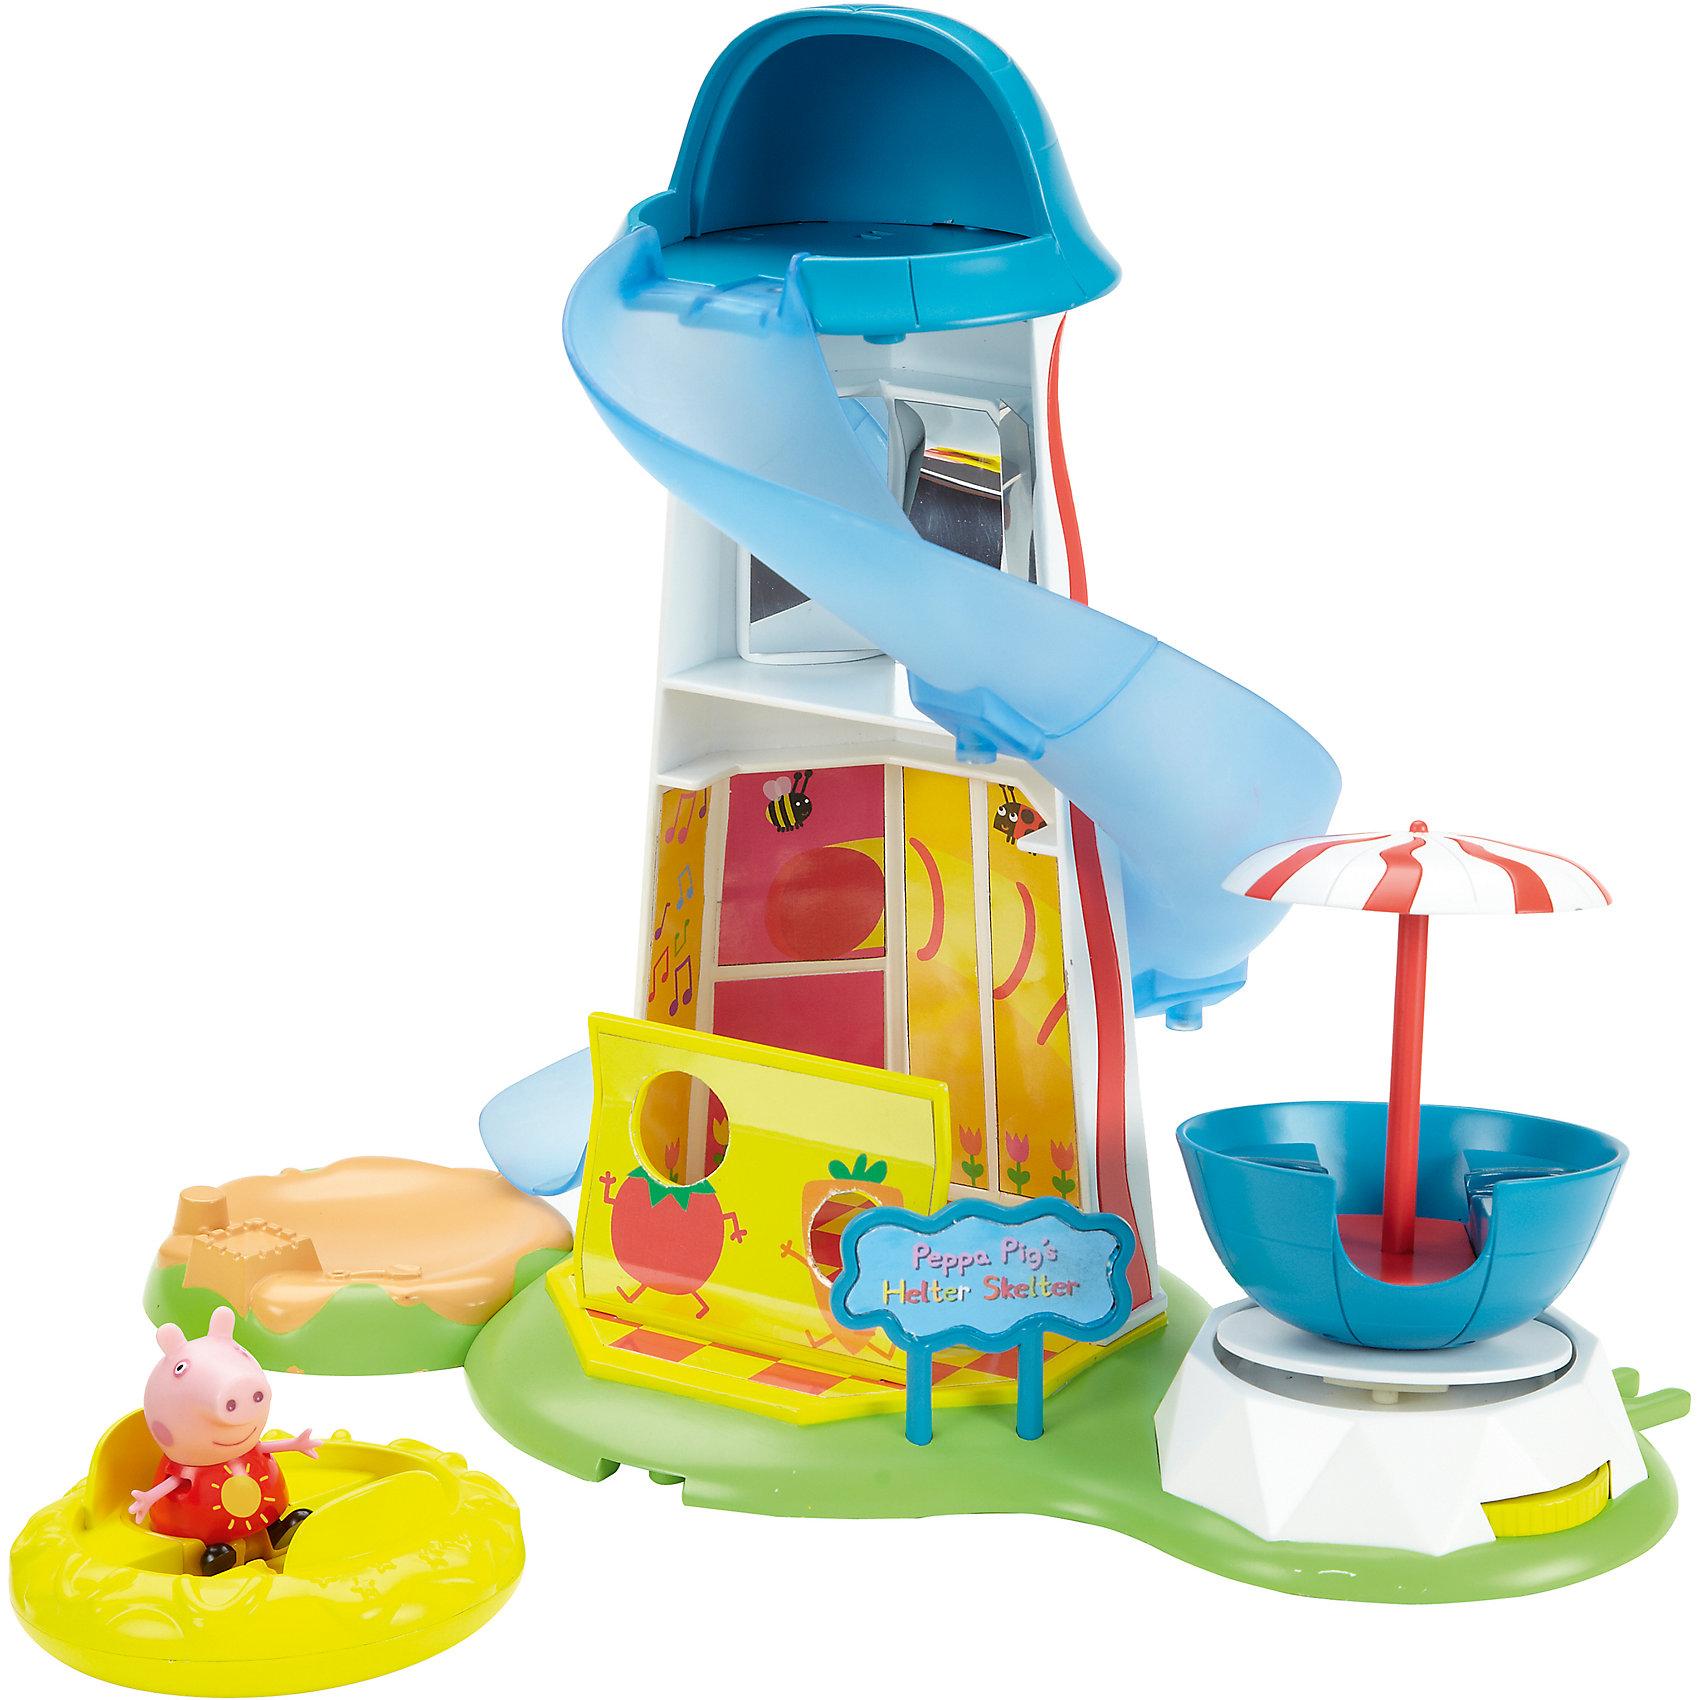 Игровой набор Водная горка. Луна Парк, Свинка ПеппаСвинка Пеппа<br>Это яркий игровой набор в комплекте со свинкой Пеппой, горкой и каруселью. Карусель рассчитана на двух пассажиров, так что ребенок сможет посадить на второе место любую из своих любимых игрушек.<br><br>Дополнительная информация:<br><br>- Возраст: от 3 лет.<br>- Материал: пластик.<br>- В наборе: игровая площадка, двухместная вращающаяся карусель, свинка Пеппа.<br>- Размер игровой площадки: 29x33x20 см.<br>- Диаметр карусели: 10 см.<br>- Размер упаковки: 35х22х35.5 см.<br>- Вес в упаковке: 980 г.<br><br>Купить игровой набор Водная горка. Луна Парк, можно в нашем магазине.<br><br>Ширина мм: 350<br>Глубина мм: 220<br>Высота мм: 355<br>Вес г: 980<br>Возраст от месяцев: 36<br>Возраст до месяцев: 2147483647<br>Пол: Унисекс<br>Возраст: Детский<br>SKU: 5026858